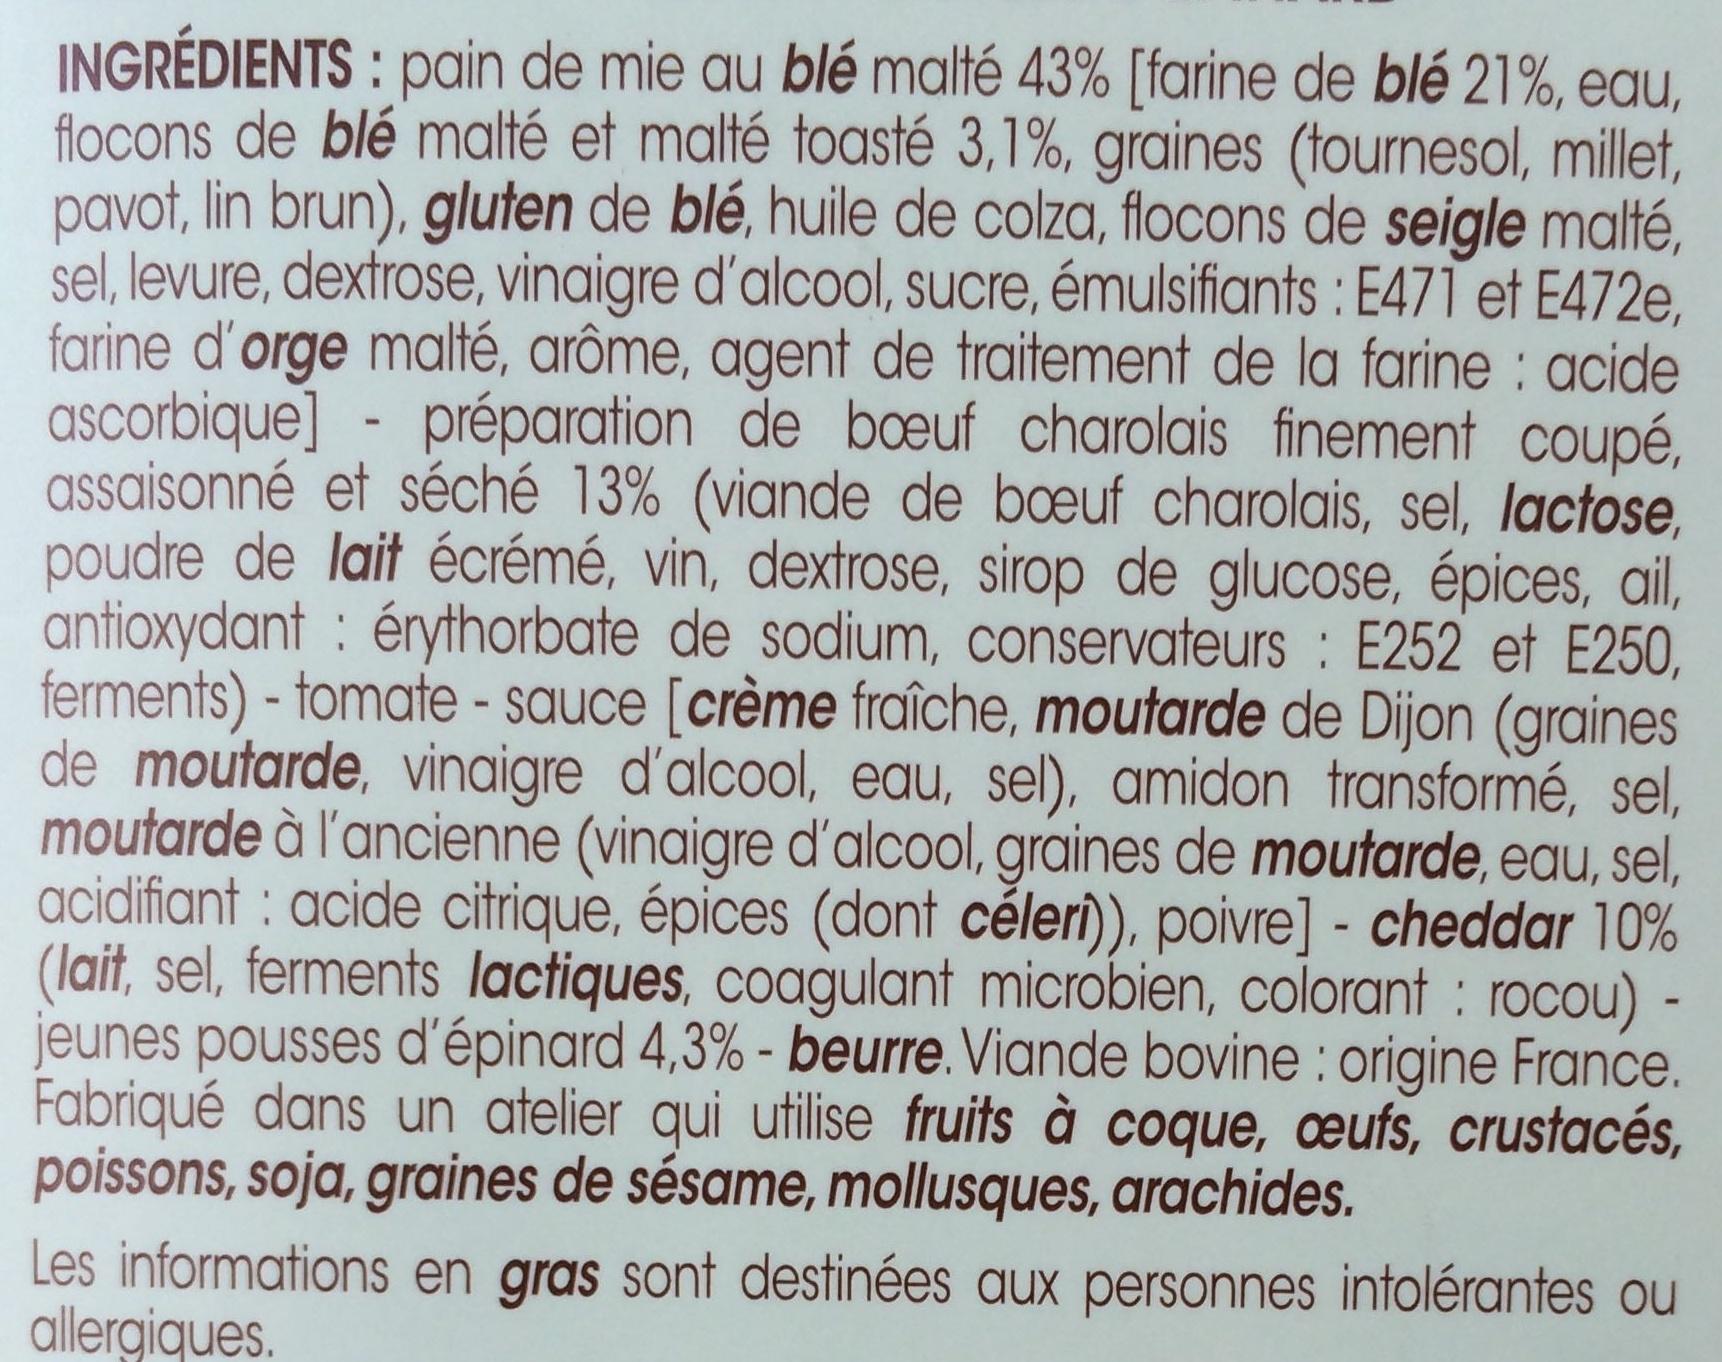 Le Boeuf Cheddar, Pousses d'Epinard pain de mie au blé malté - Ingrédients - fr